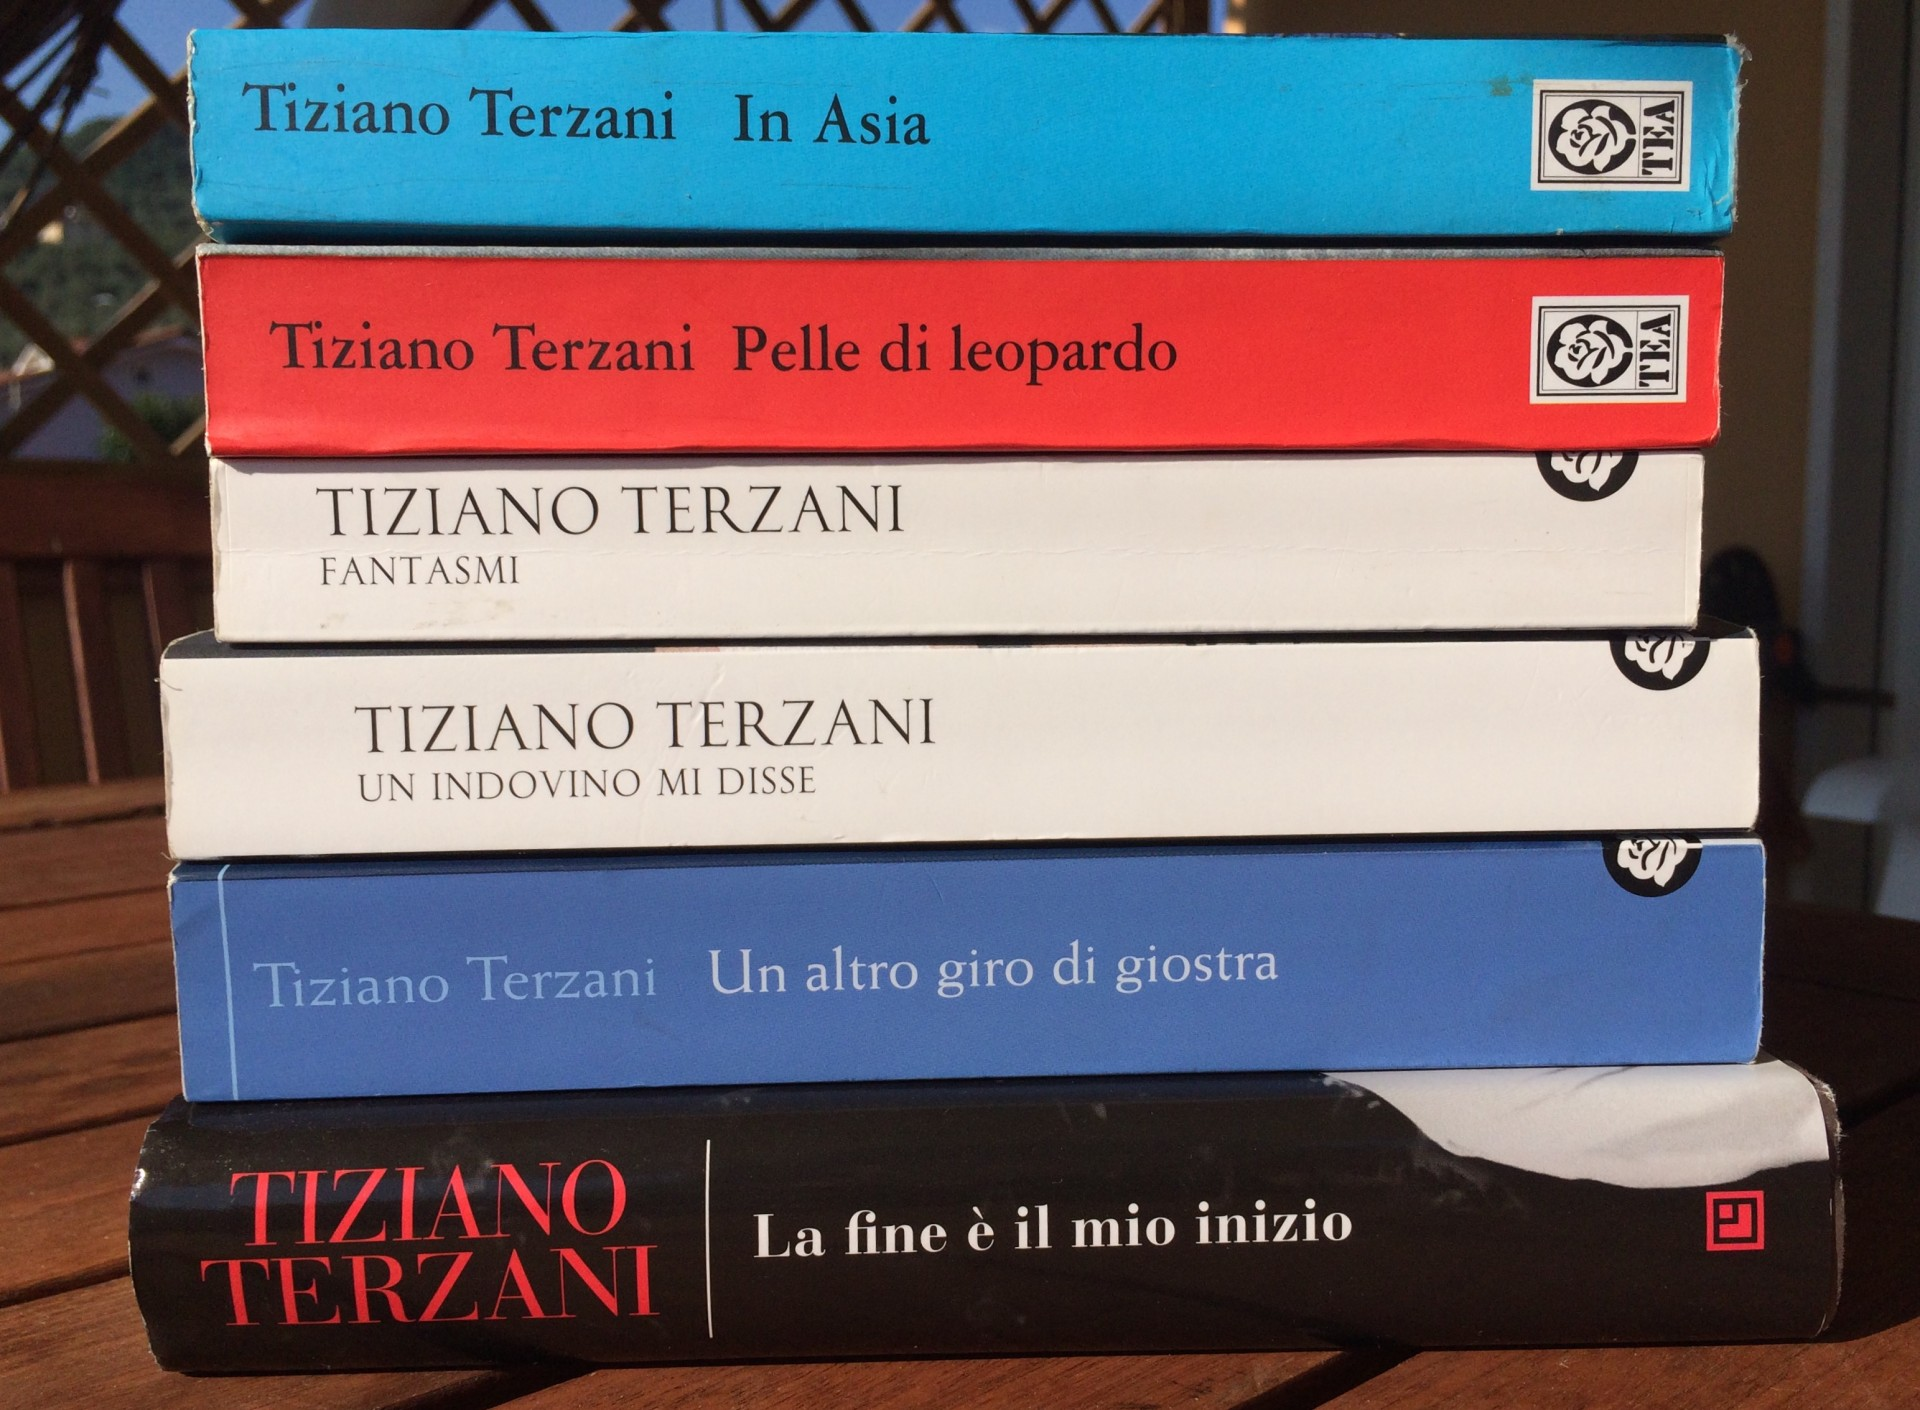 tiziano-terzani-spunti-per-viaggiare-con-i-suoi-libri-titoli